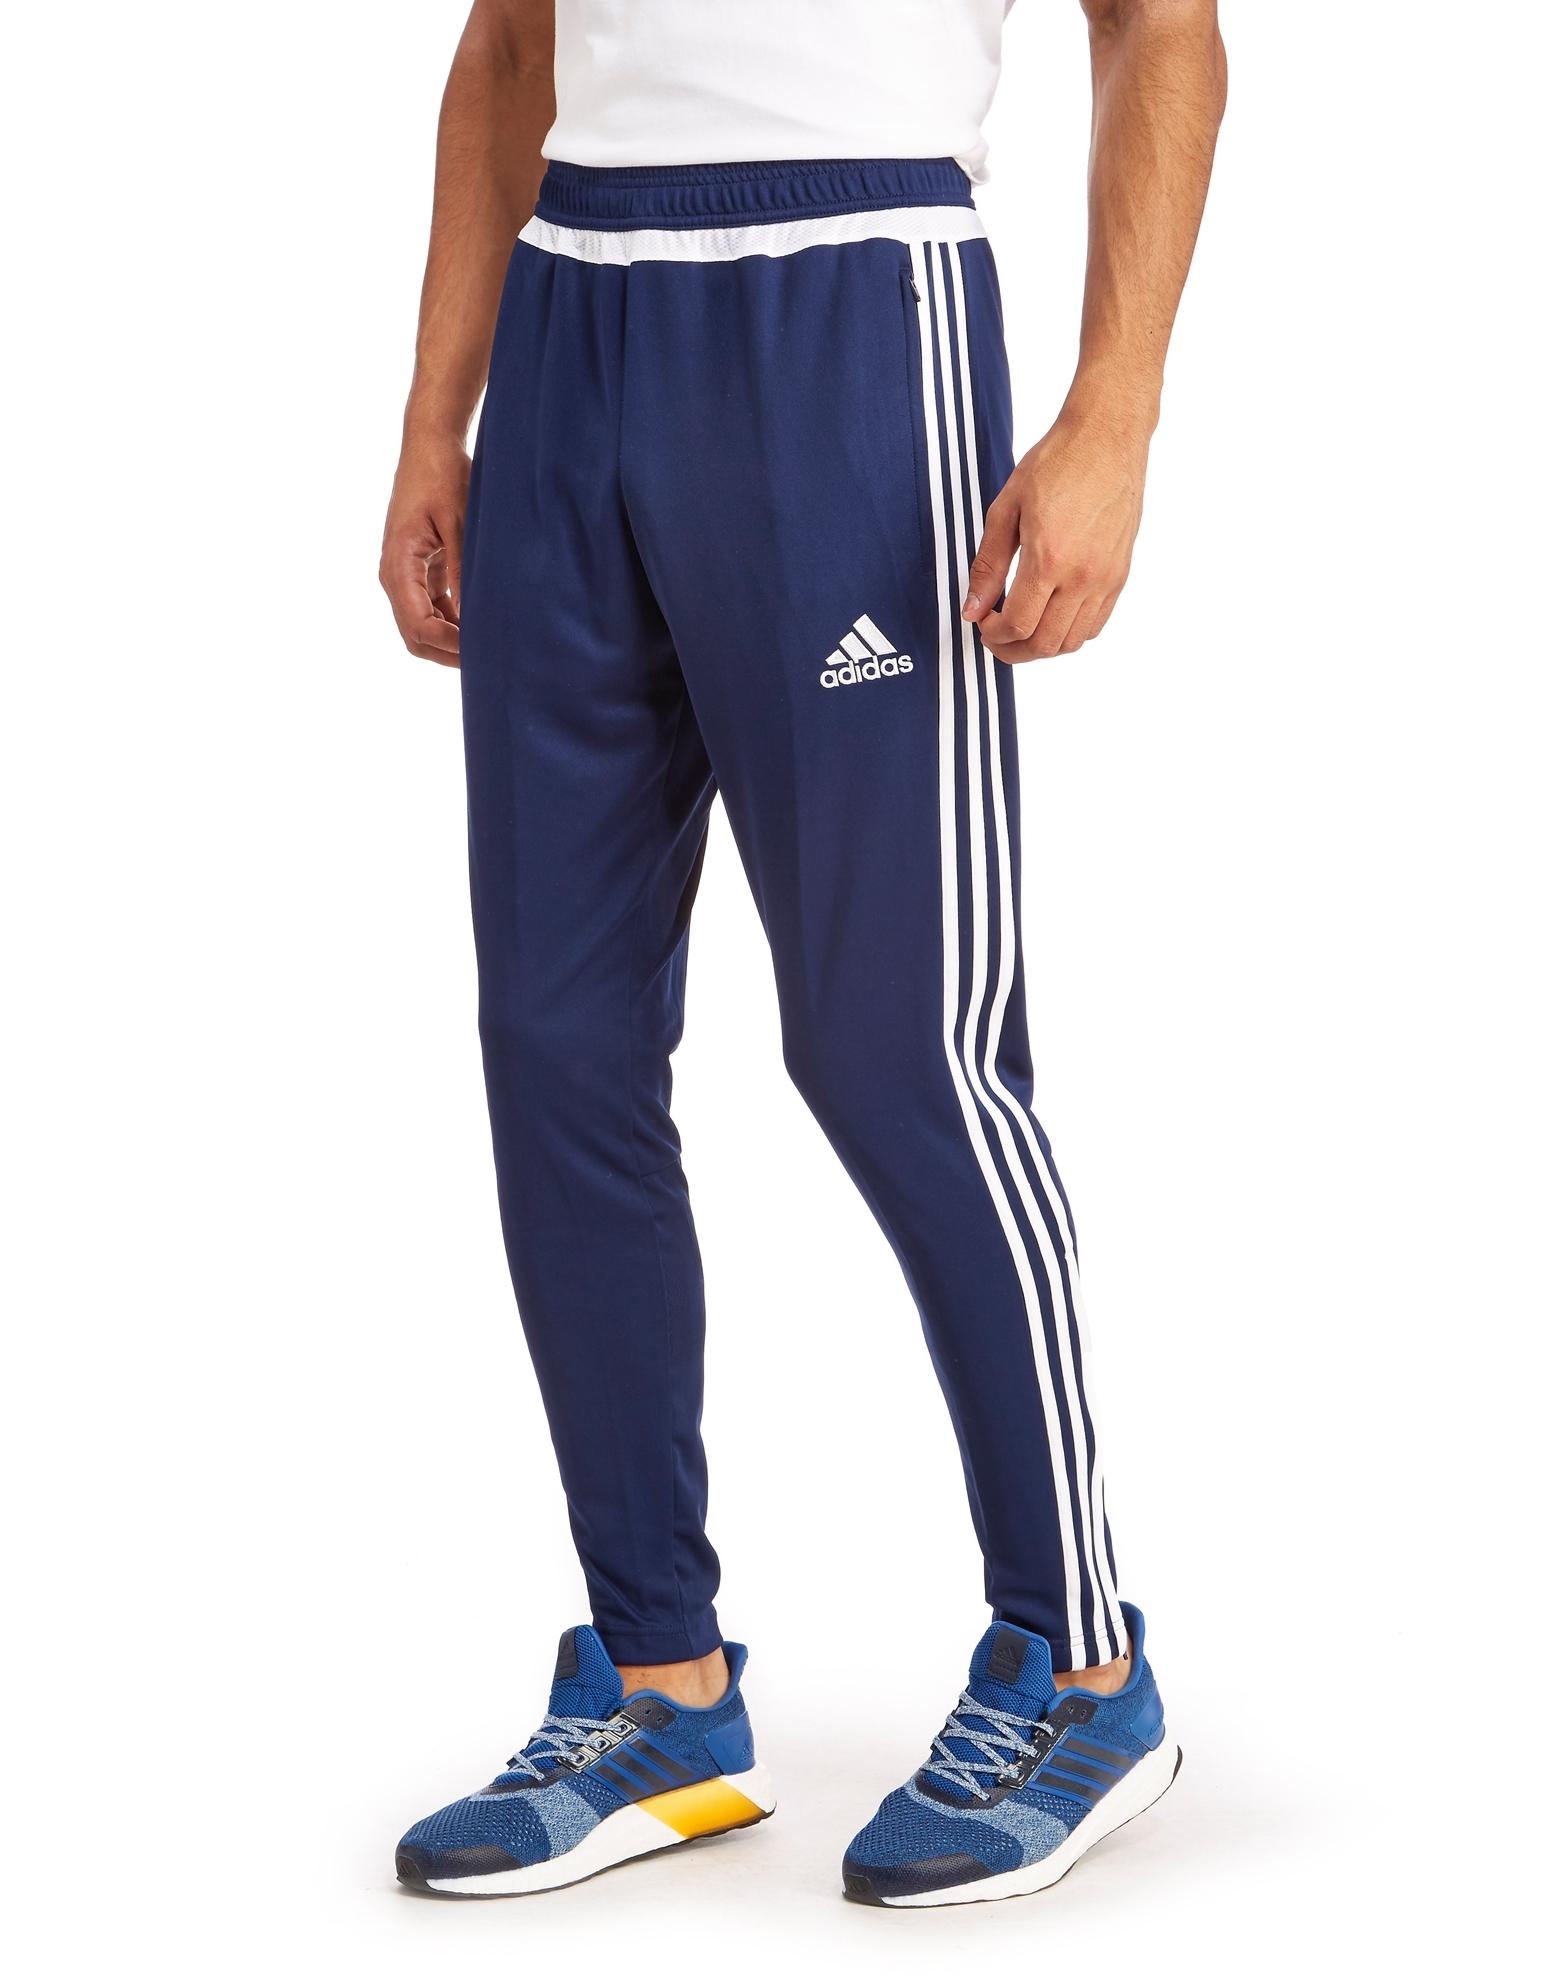 18f502ee Мужские спортивные штаны Adidas TIRO 15 TRG PNT, тёмно-синие/бел. ZAF